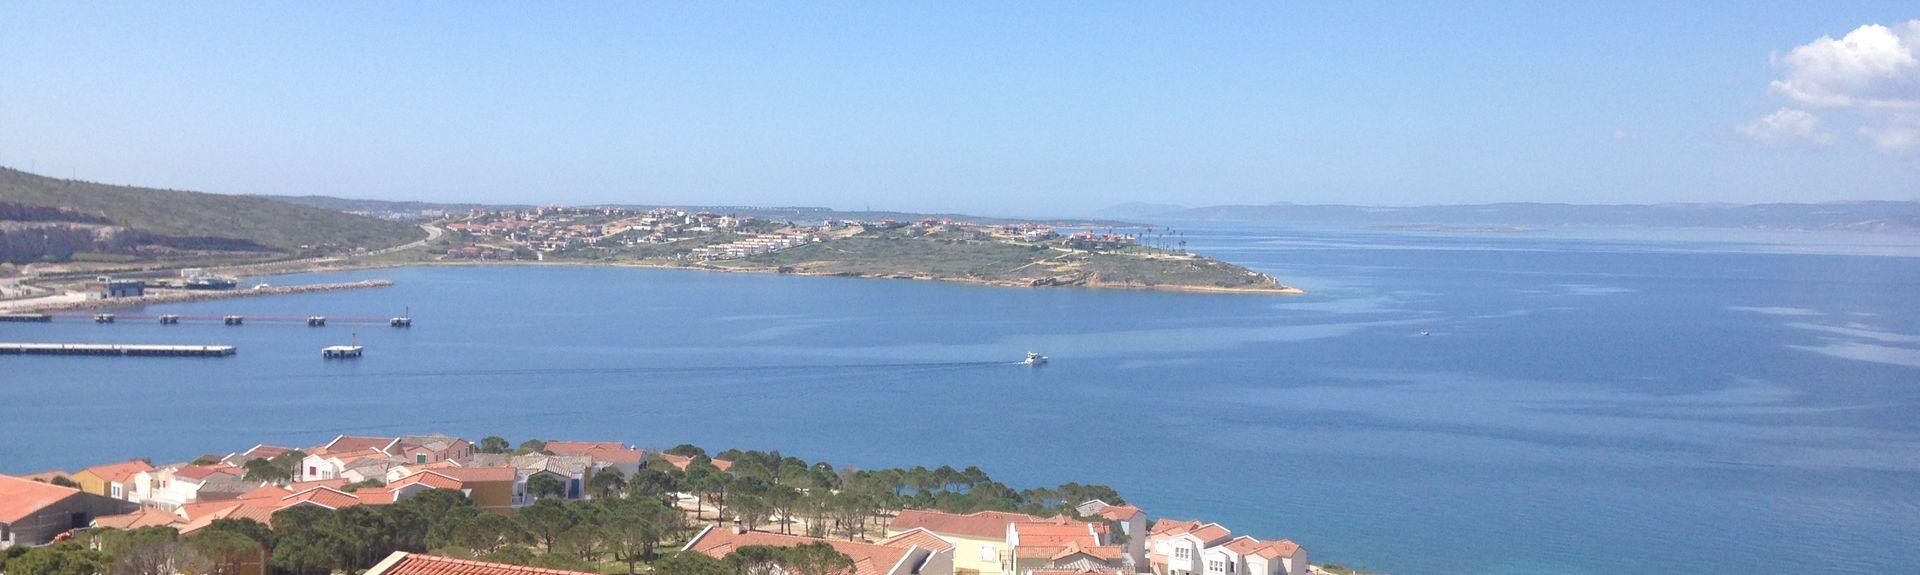 Çeşme, Izmir, Turkey